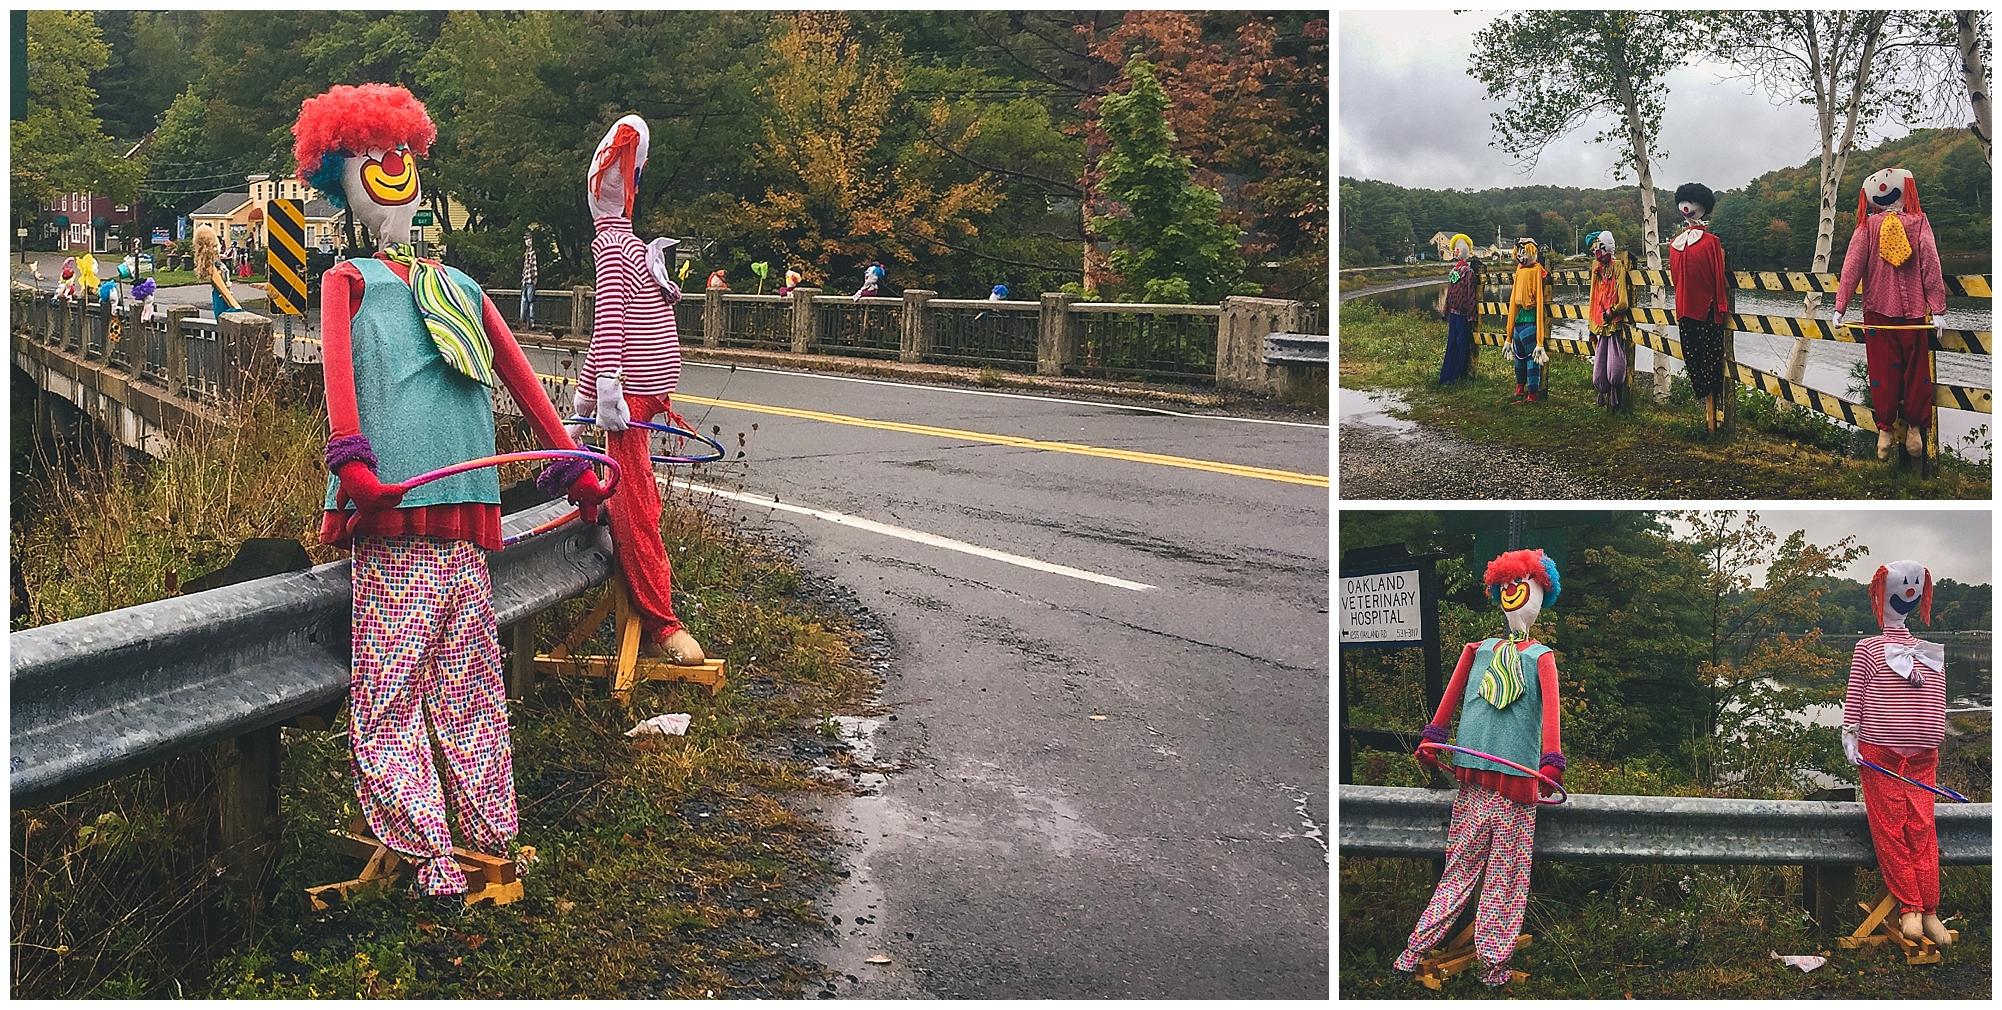 Creepy Clowns! // 2016 Mahone Bay Scarecrow Festival // Nova Scotia, Canada // © Christy Hydeck